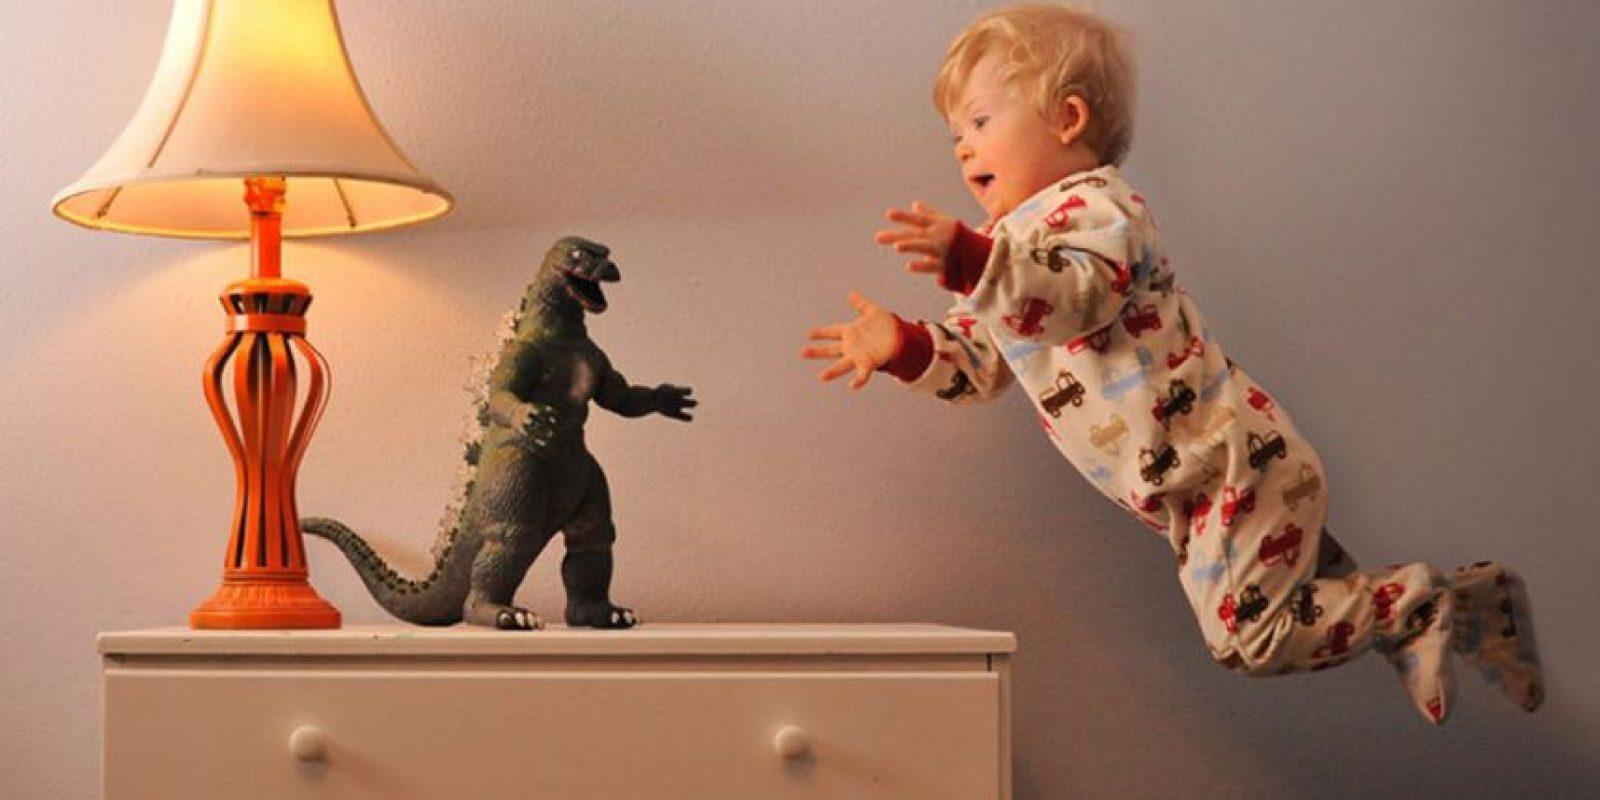 Wil Lawrence es un niño con Síndrome de Down. Foto:Vía thatdadblog.com